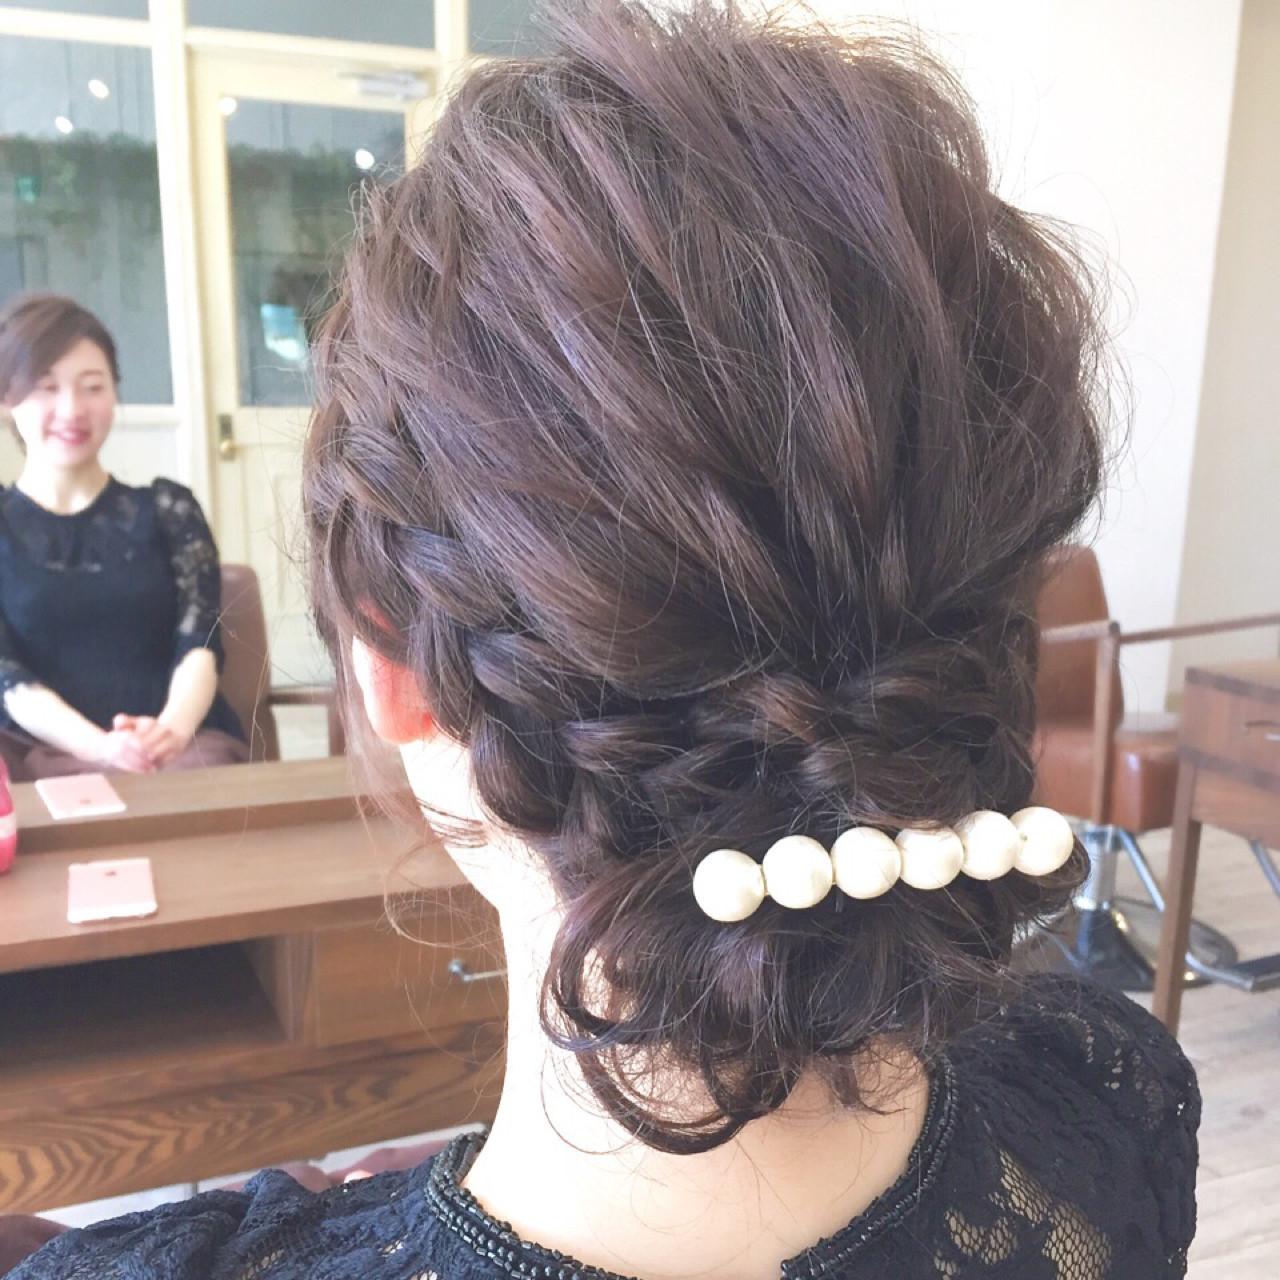 ヘアアレンジ ボブ 大人女子 結婚式 ヘアスタイルや髪型の写真・画像